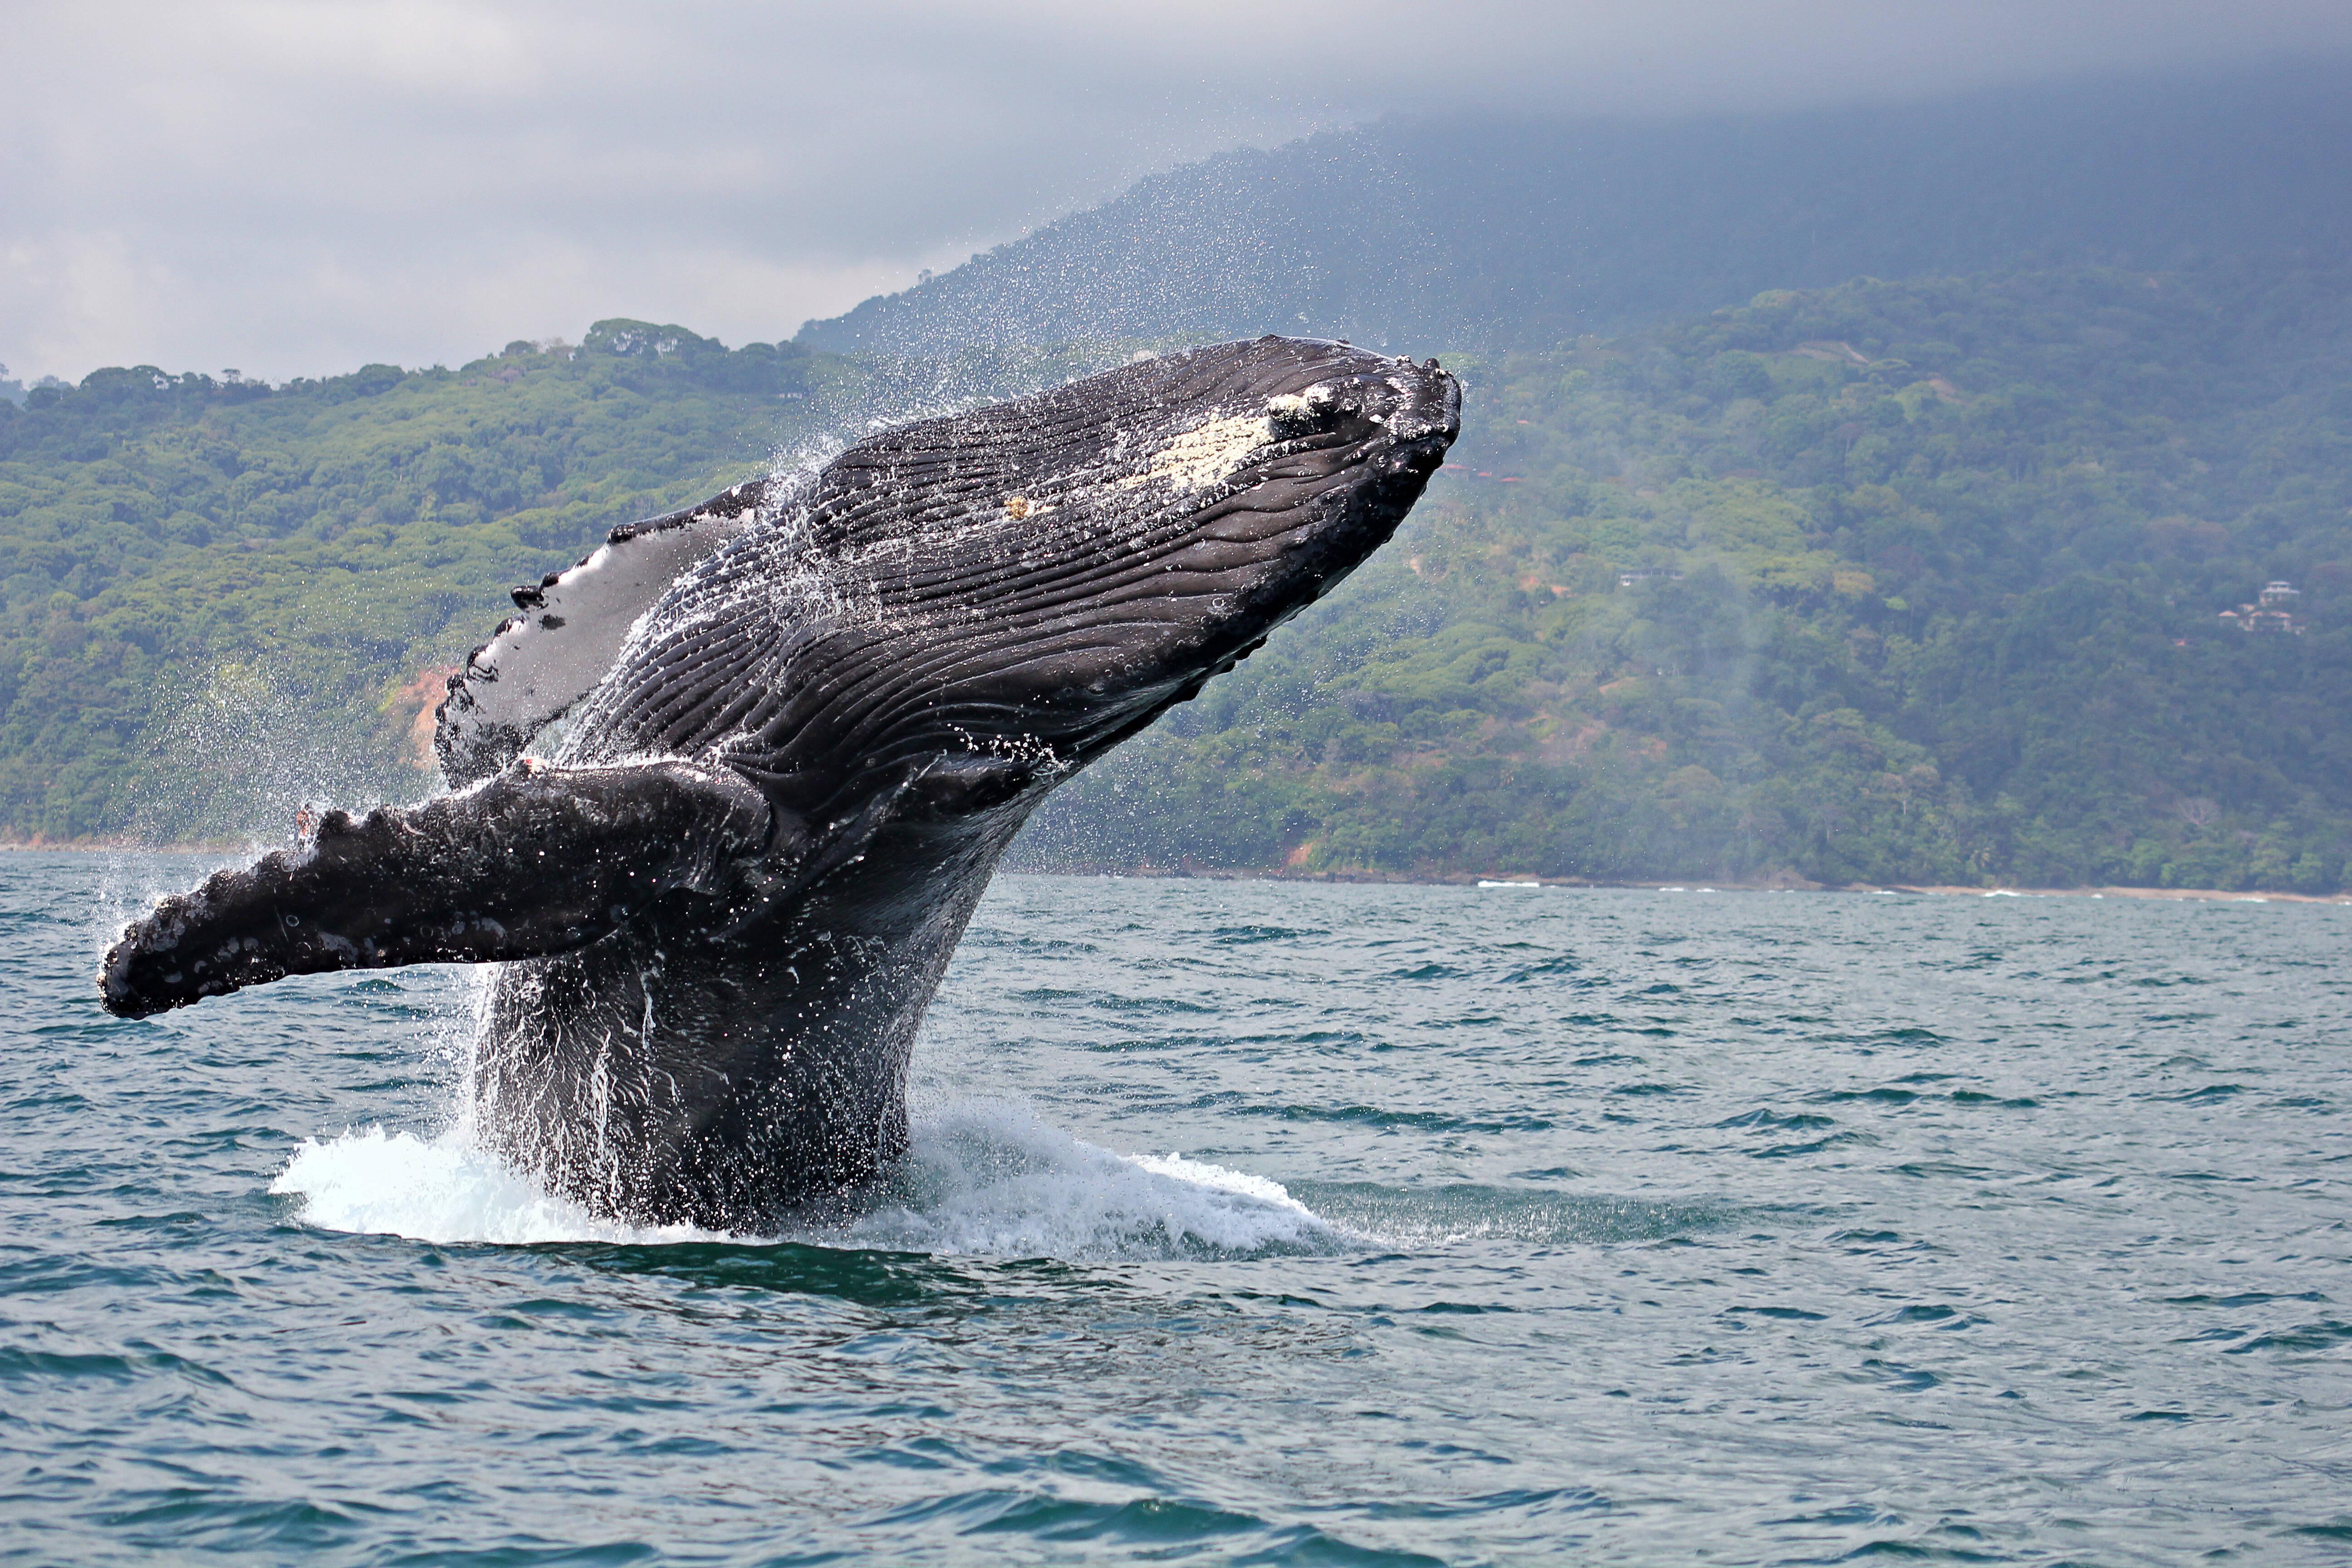 Nas águas da Costa Rica, os gigantes tubarões baleia ganham a companhia das também colossais baleias jubarte e outras espécies. Foto: shutterstock